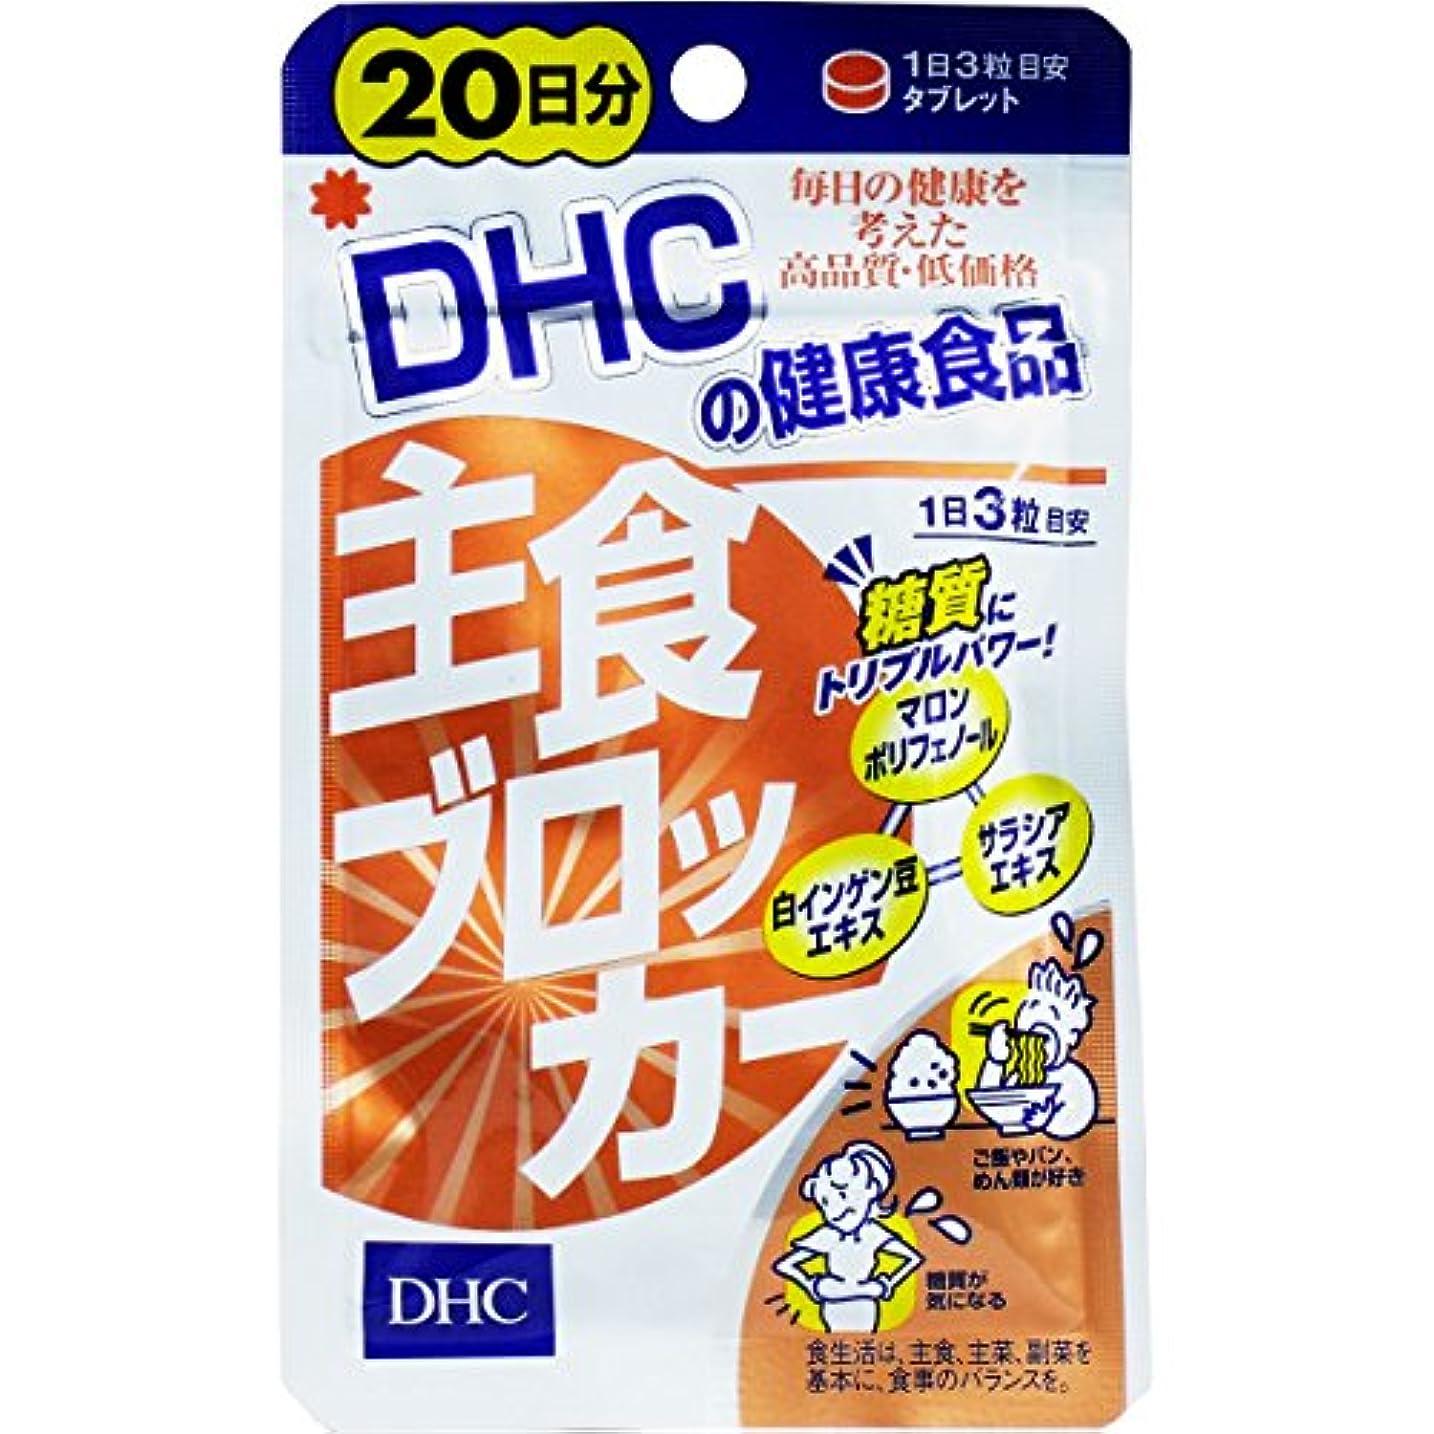 結婚人エイリアスお得な6個セット 炭水化物が好きな方へオススメ DHC 主食ブロッカー 20日分(60粒)